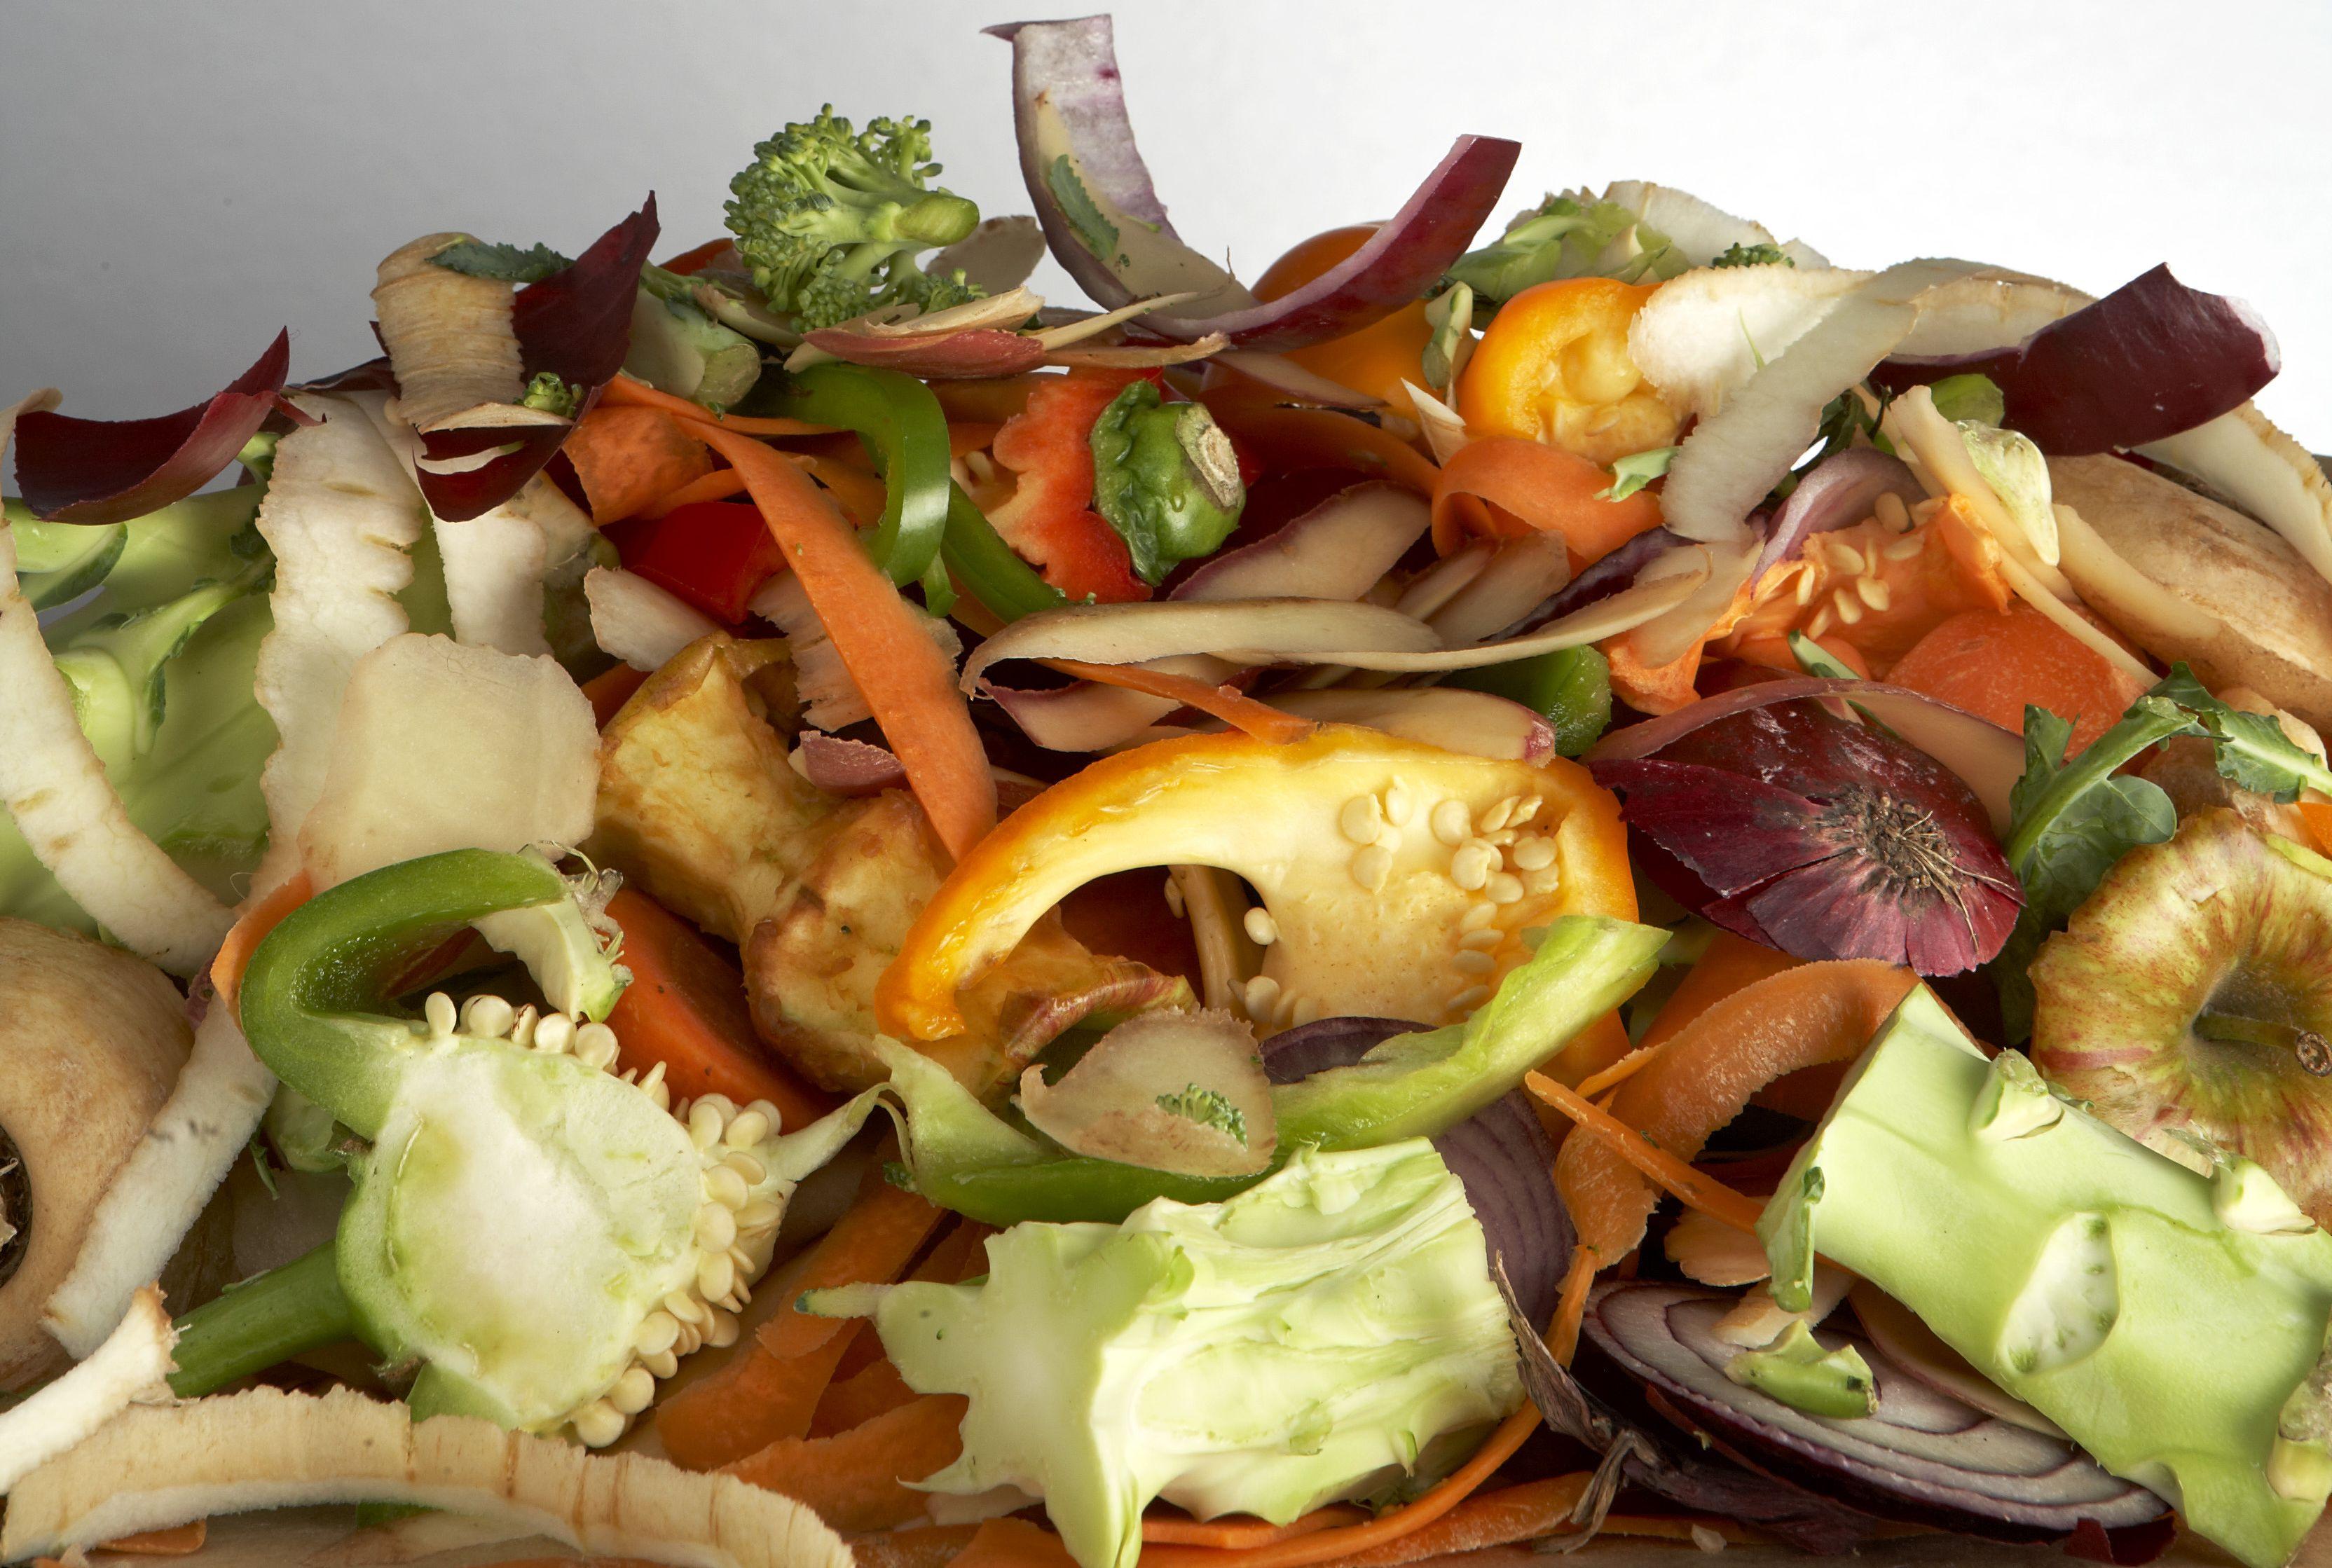 food-waste-rubbish